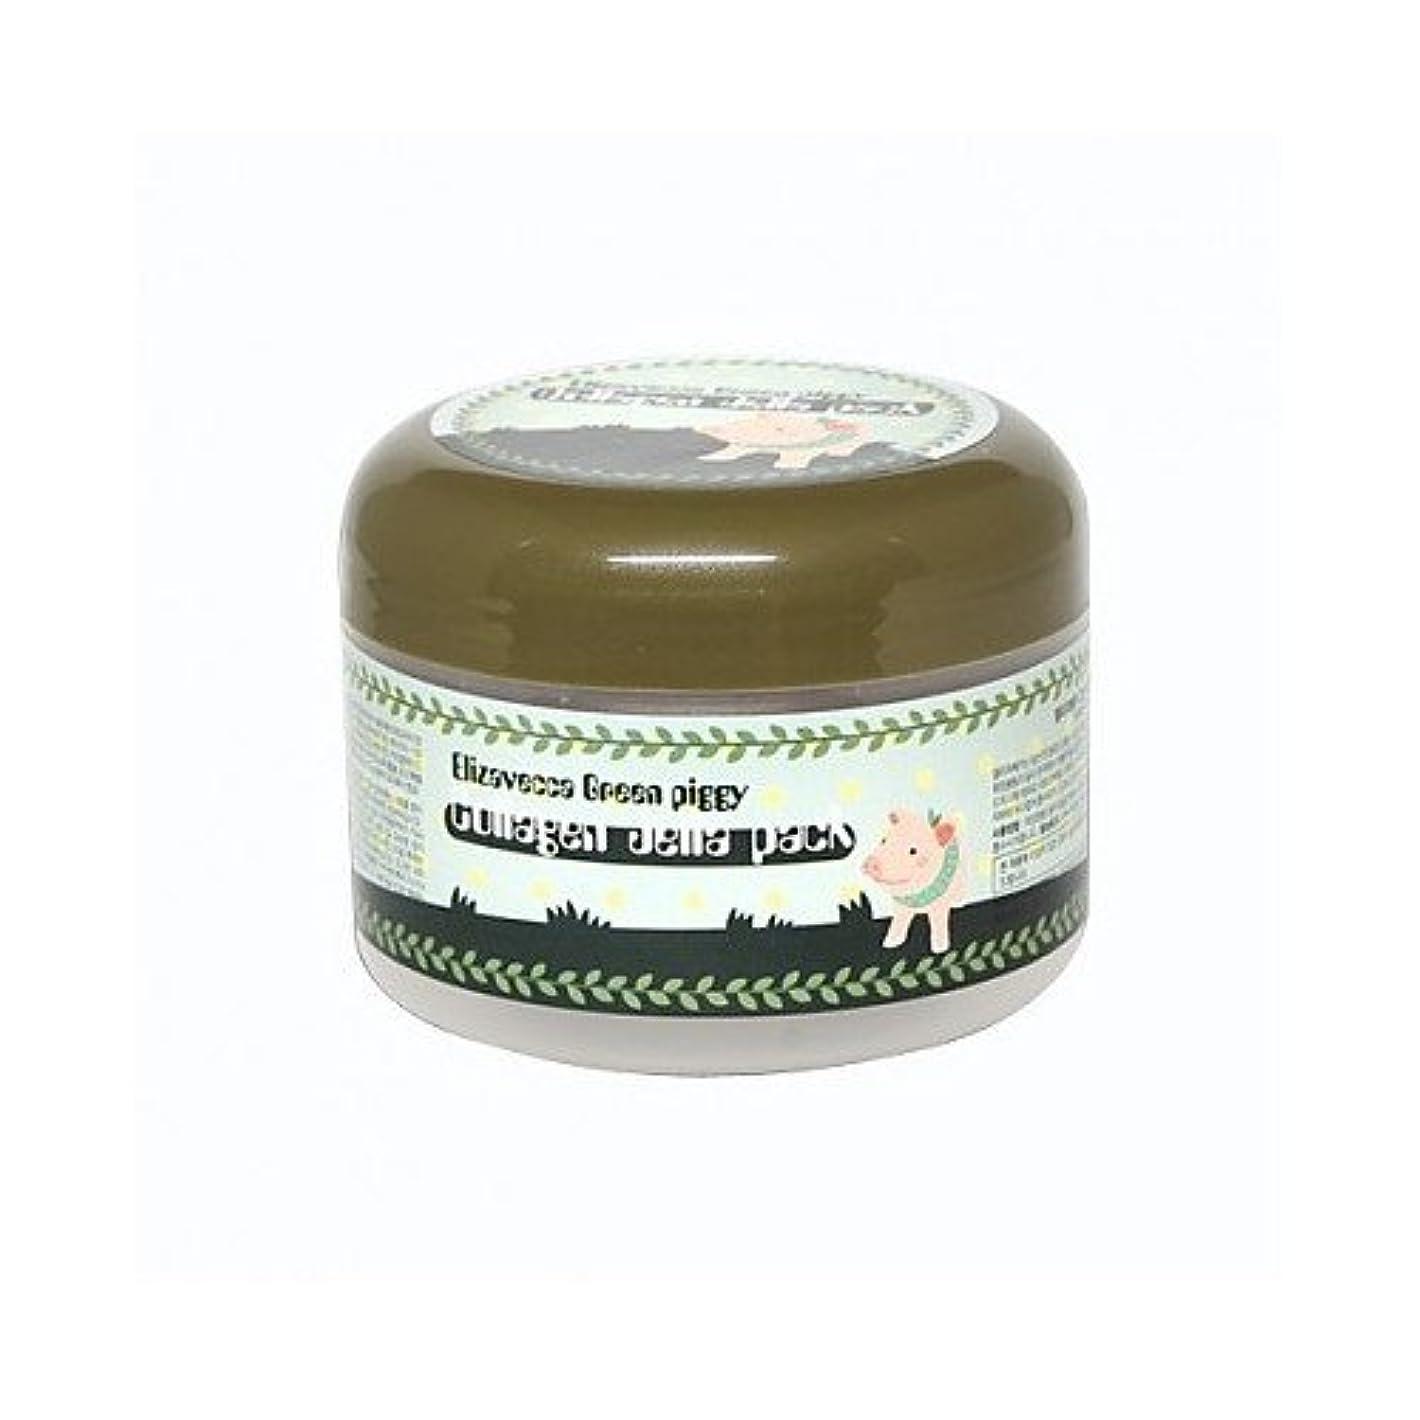 振りかける請求可能質素な(3 Pack) ELIZAVECCA Green piggy collagen jella pack (並行輸入品)